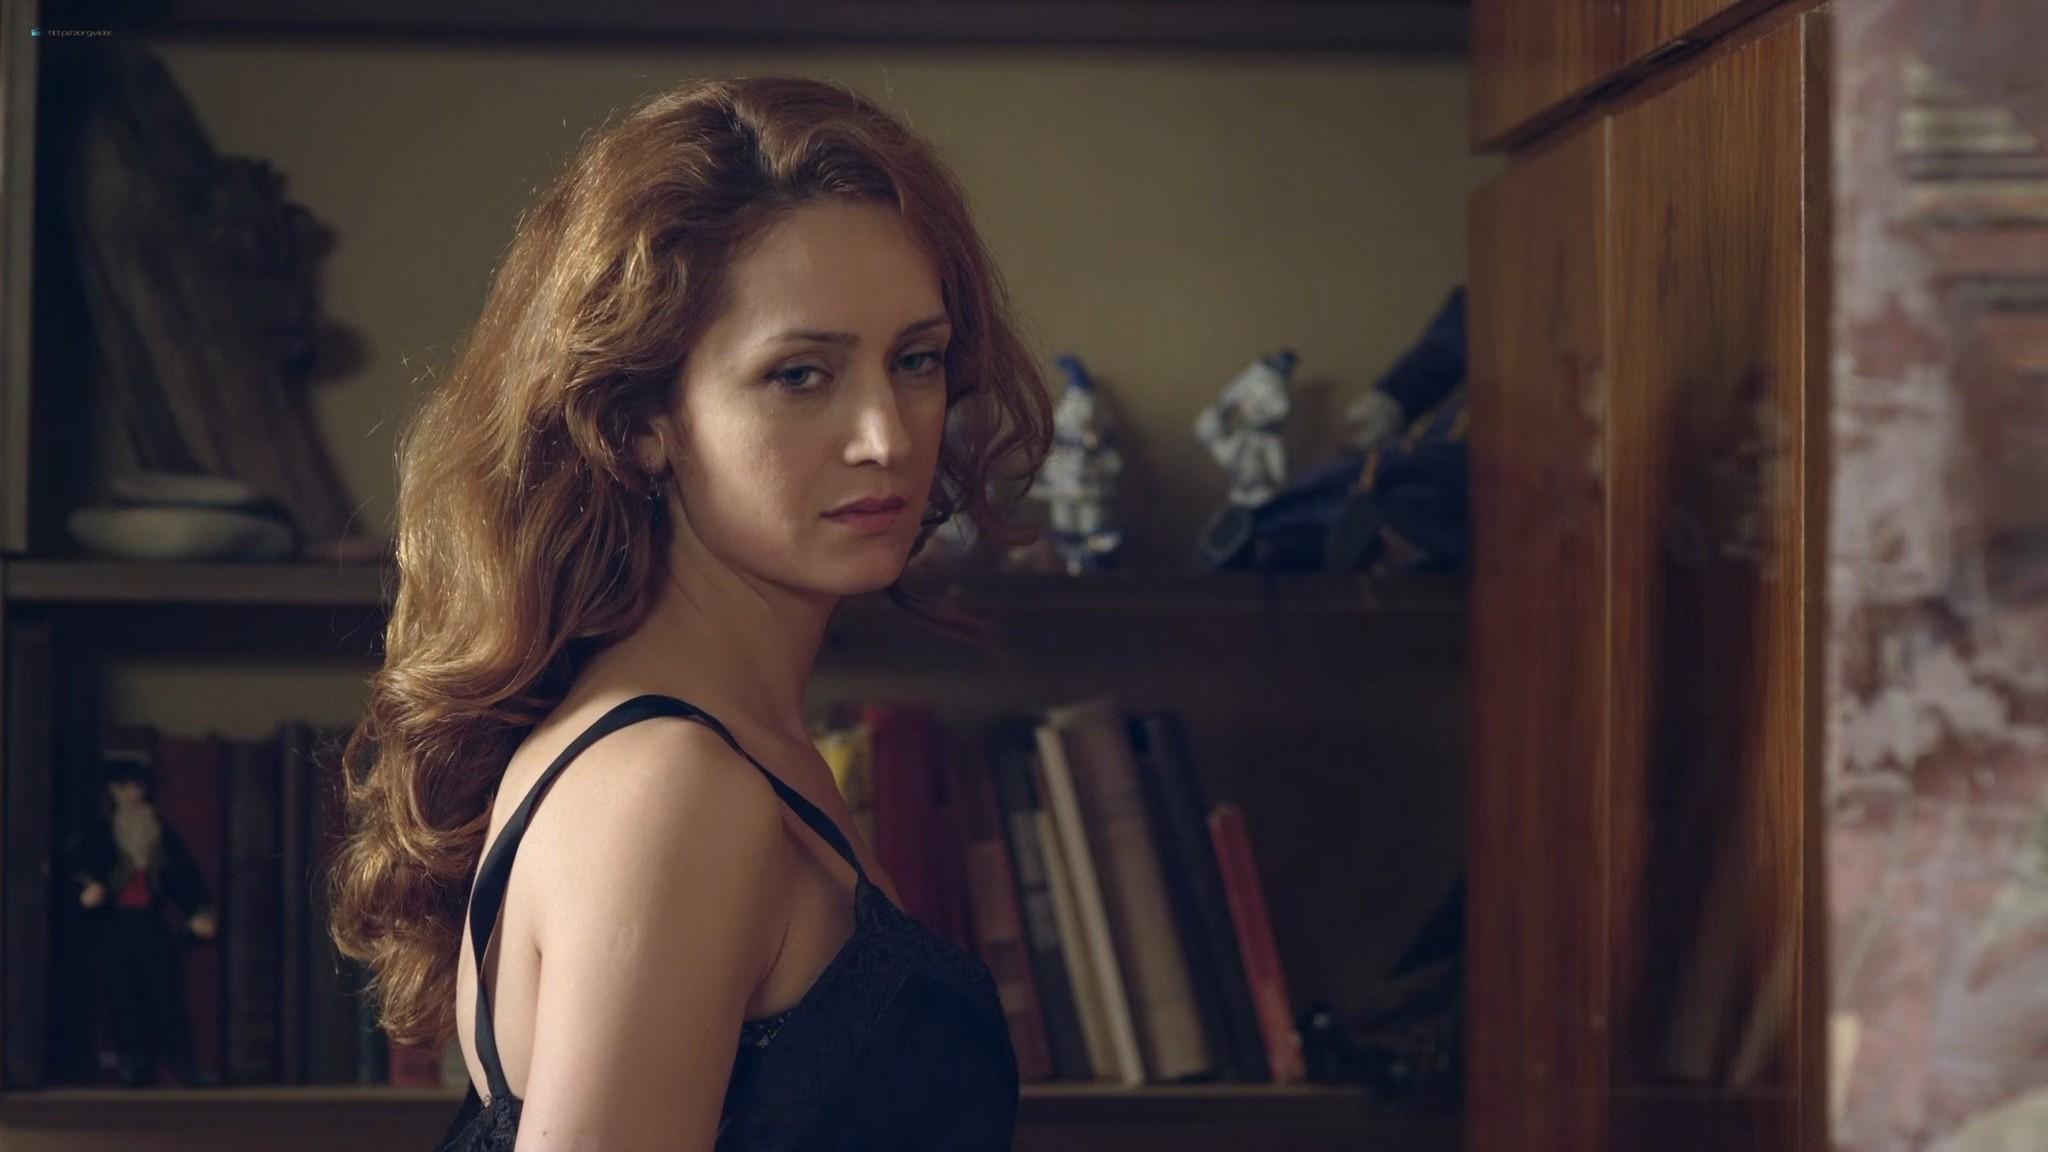 Viktoriya Isakova hot and sexy Ottepel RU 2013 HD 1080p BluRay 004